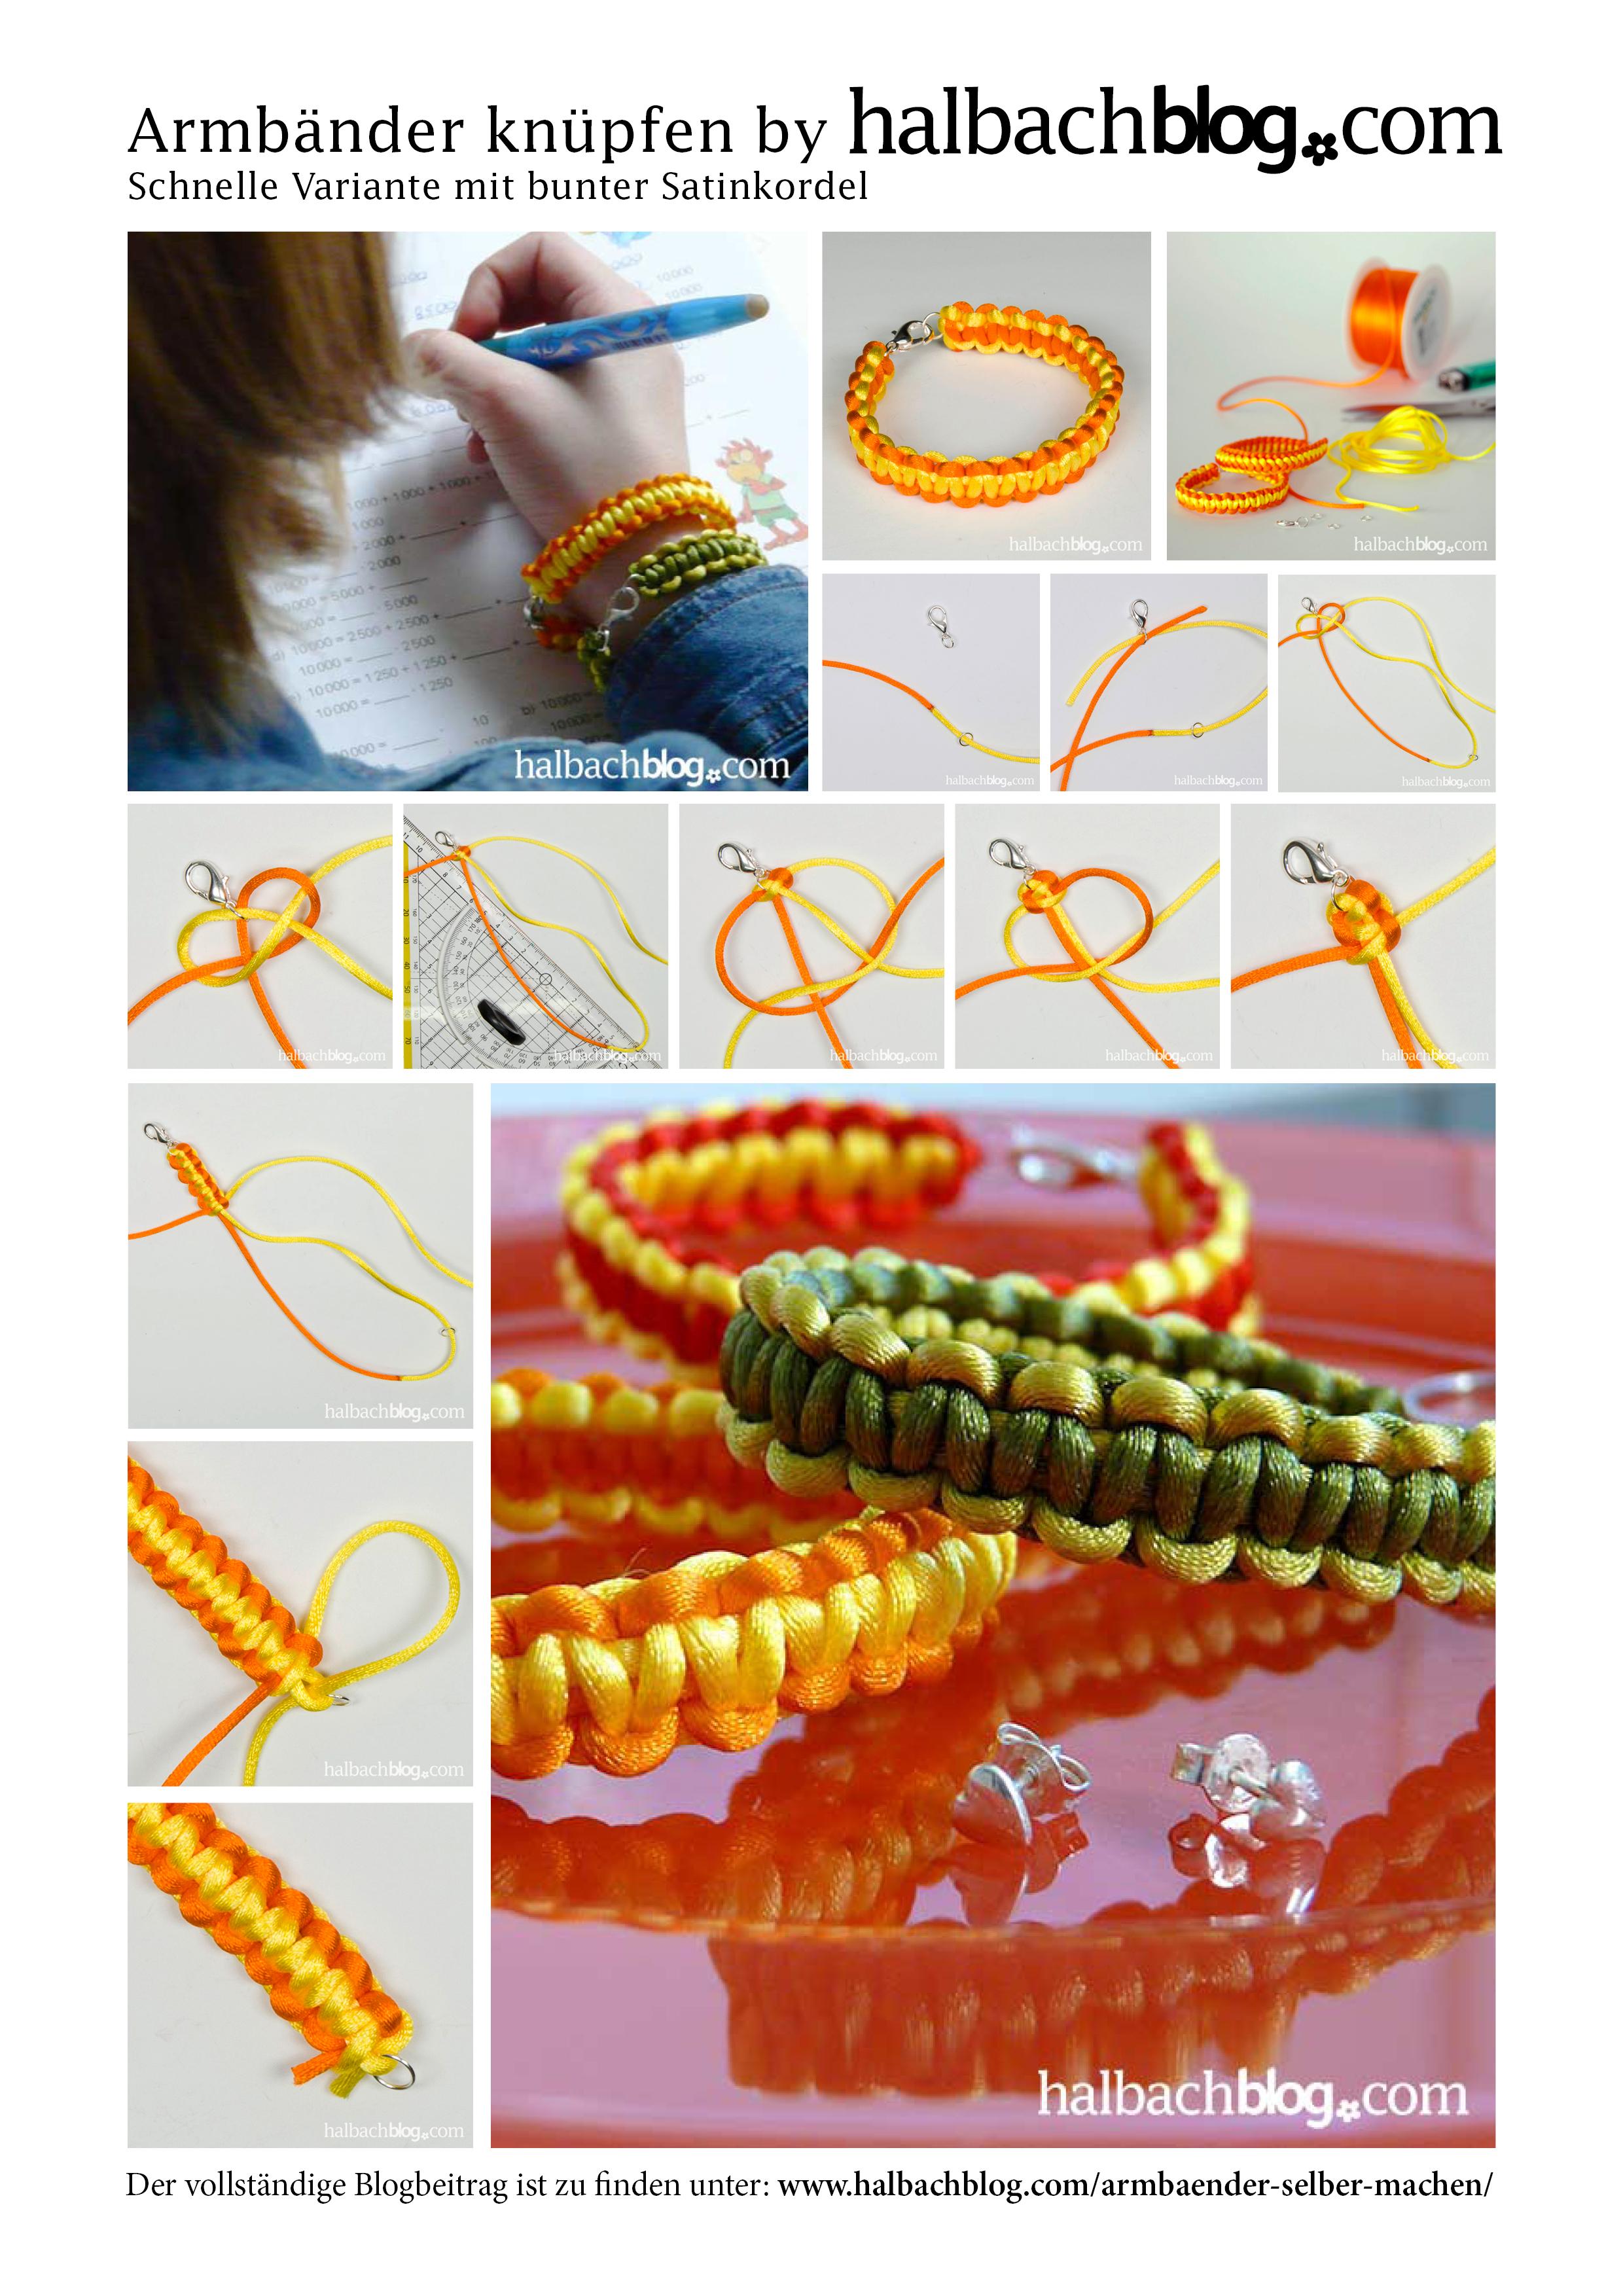 Anleitung: Schnelle Armbänder mit bunter Satinkordel